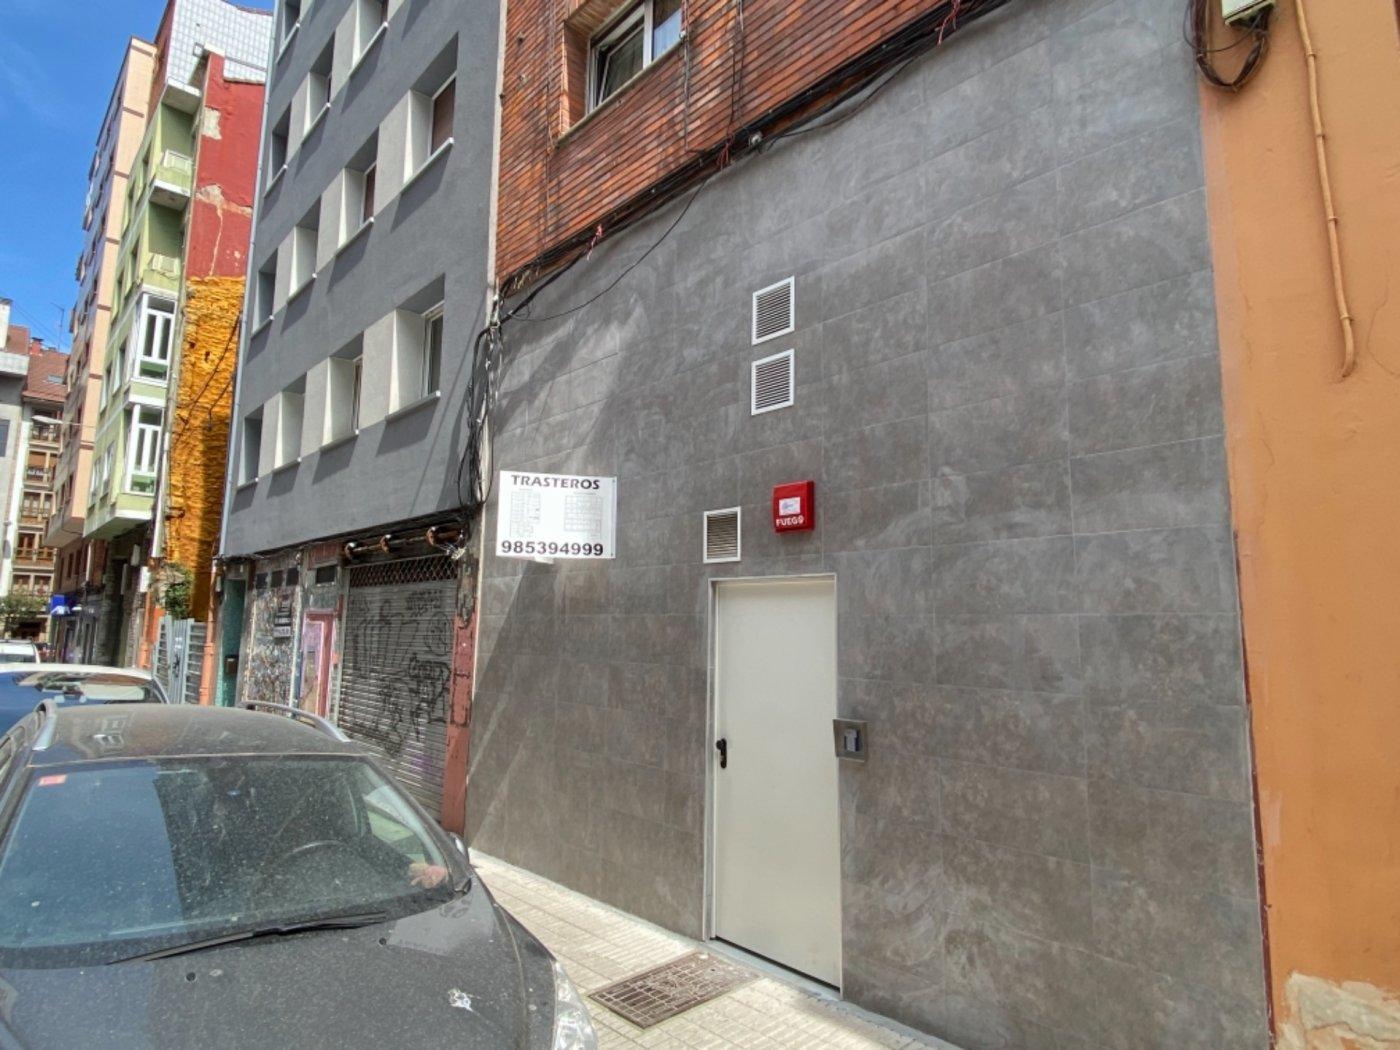 Trasteros zona begoña-manuel llaneza - los fresnos - imagenInmueble10